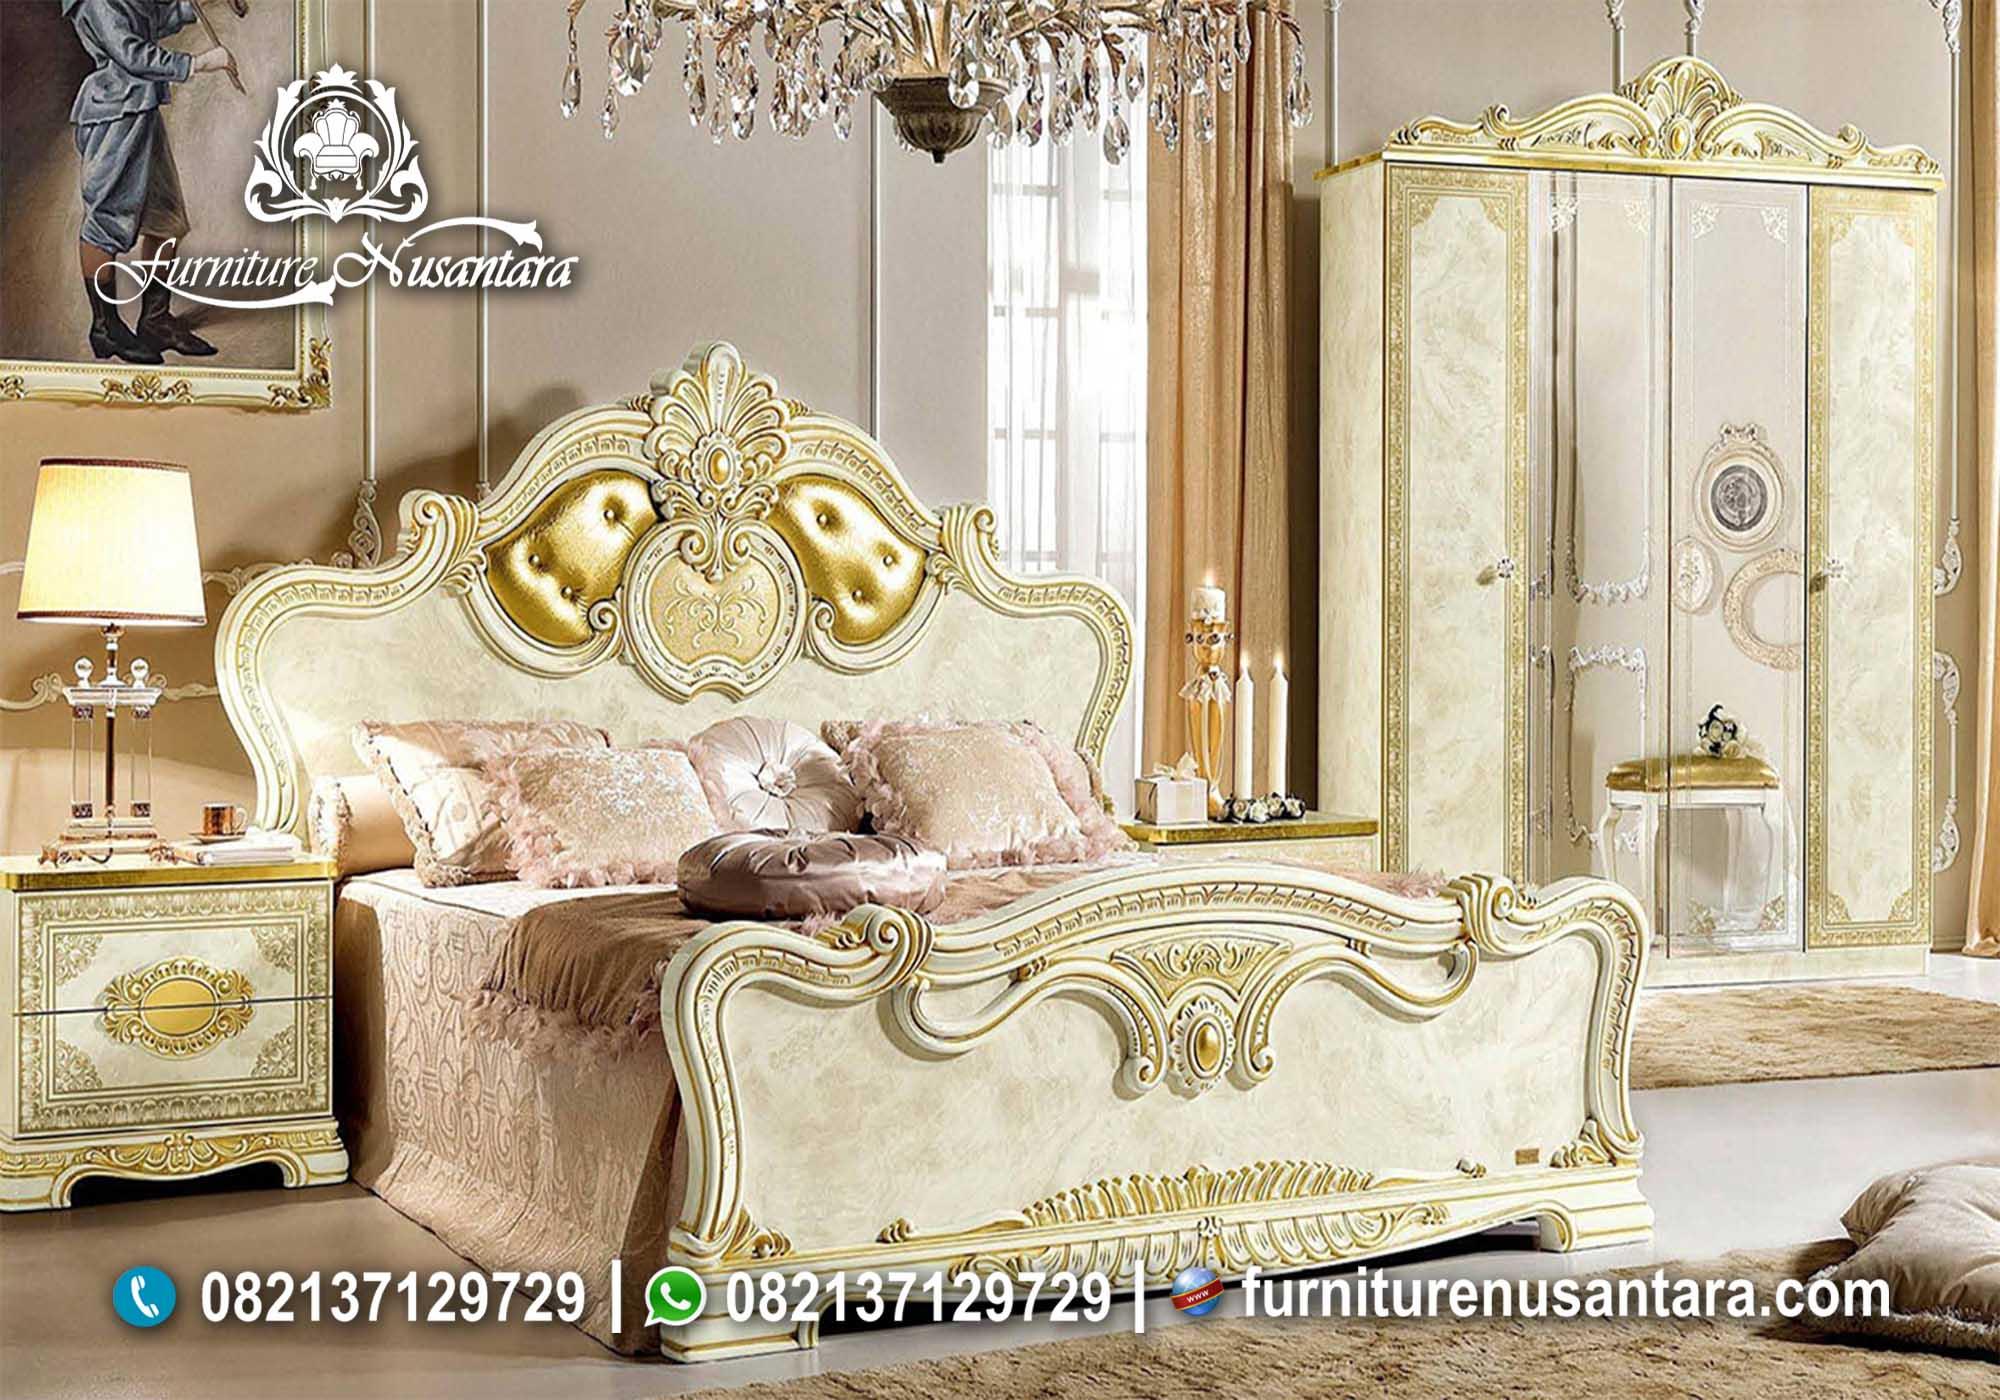 Kamar Set Terbaru Mewah Modern KS-14, Furniture Nusantara